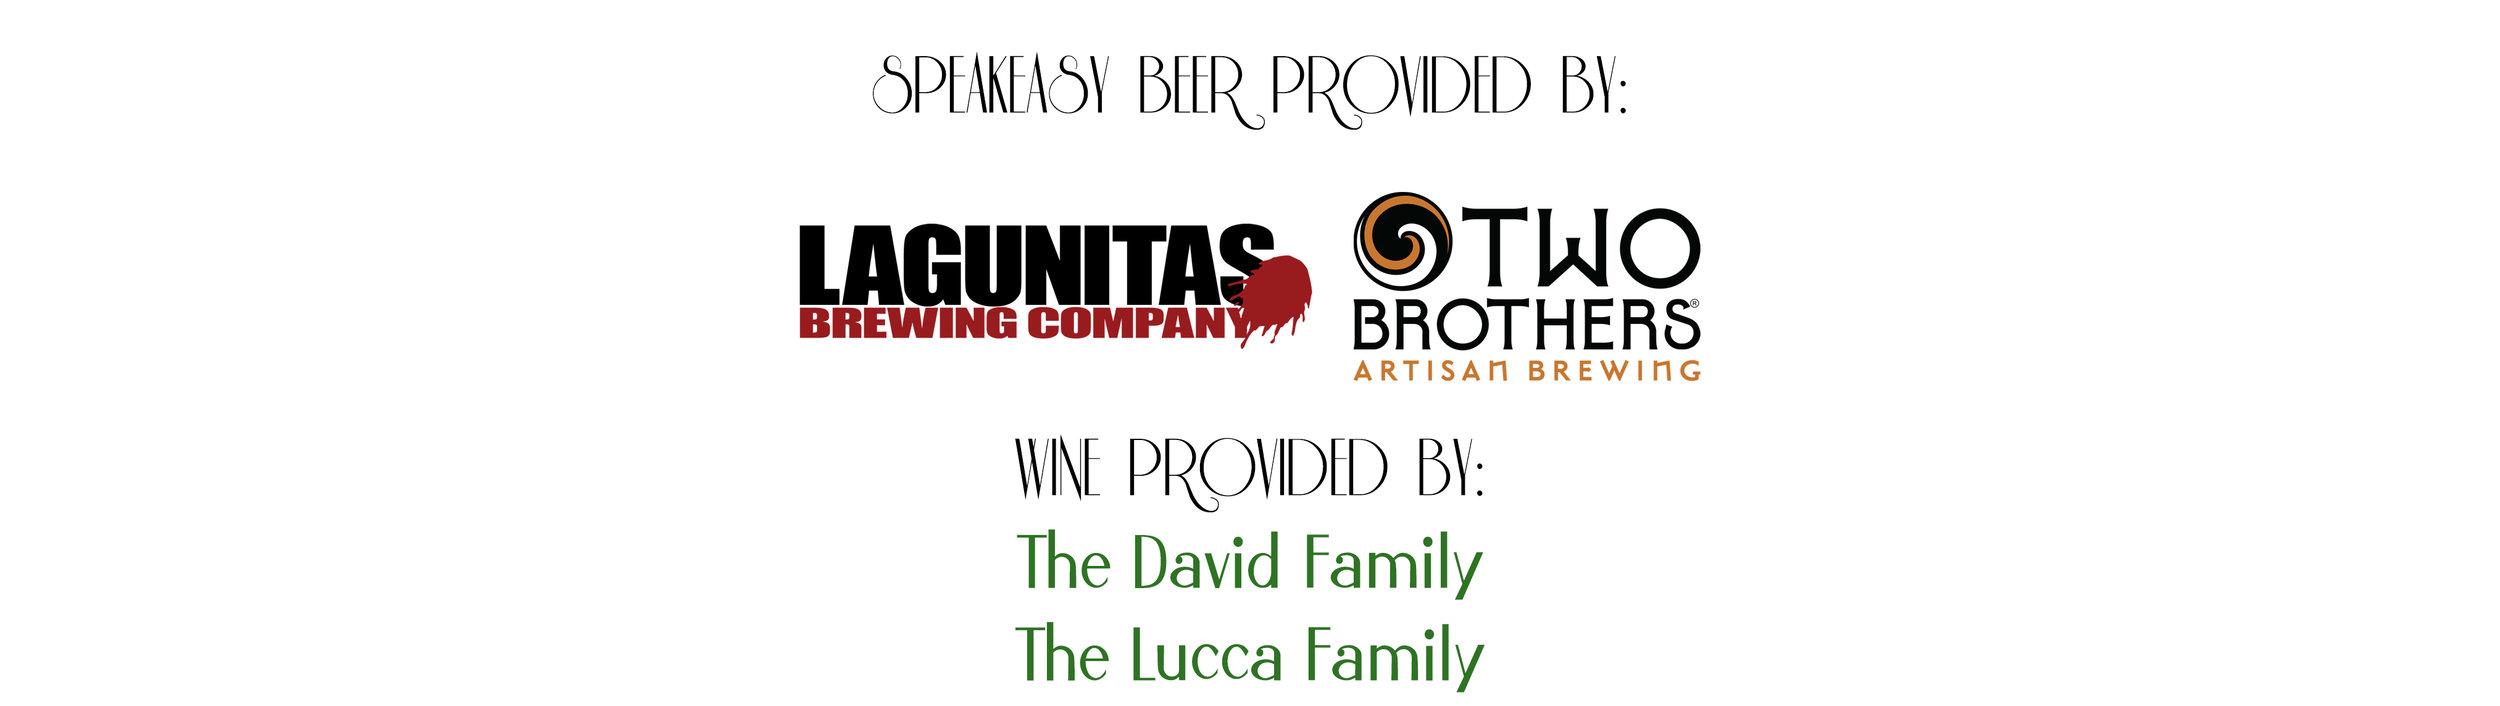 Beer and Wine Sponsors update.jpg